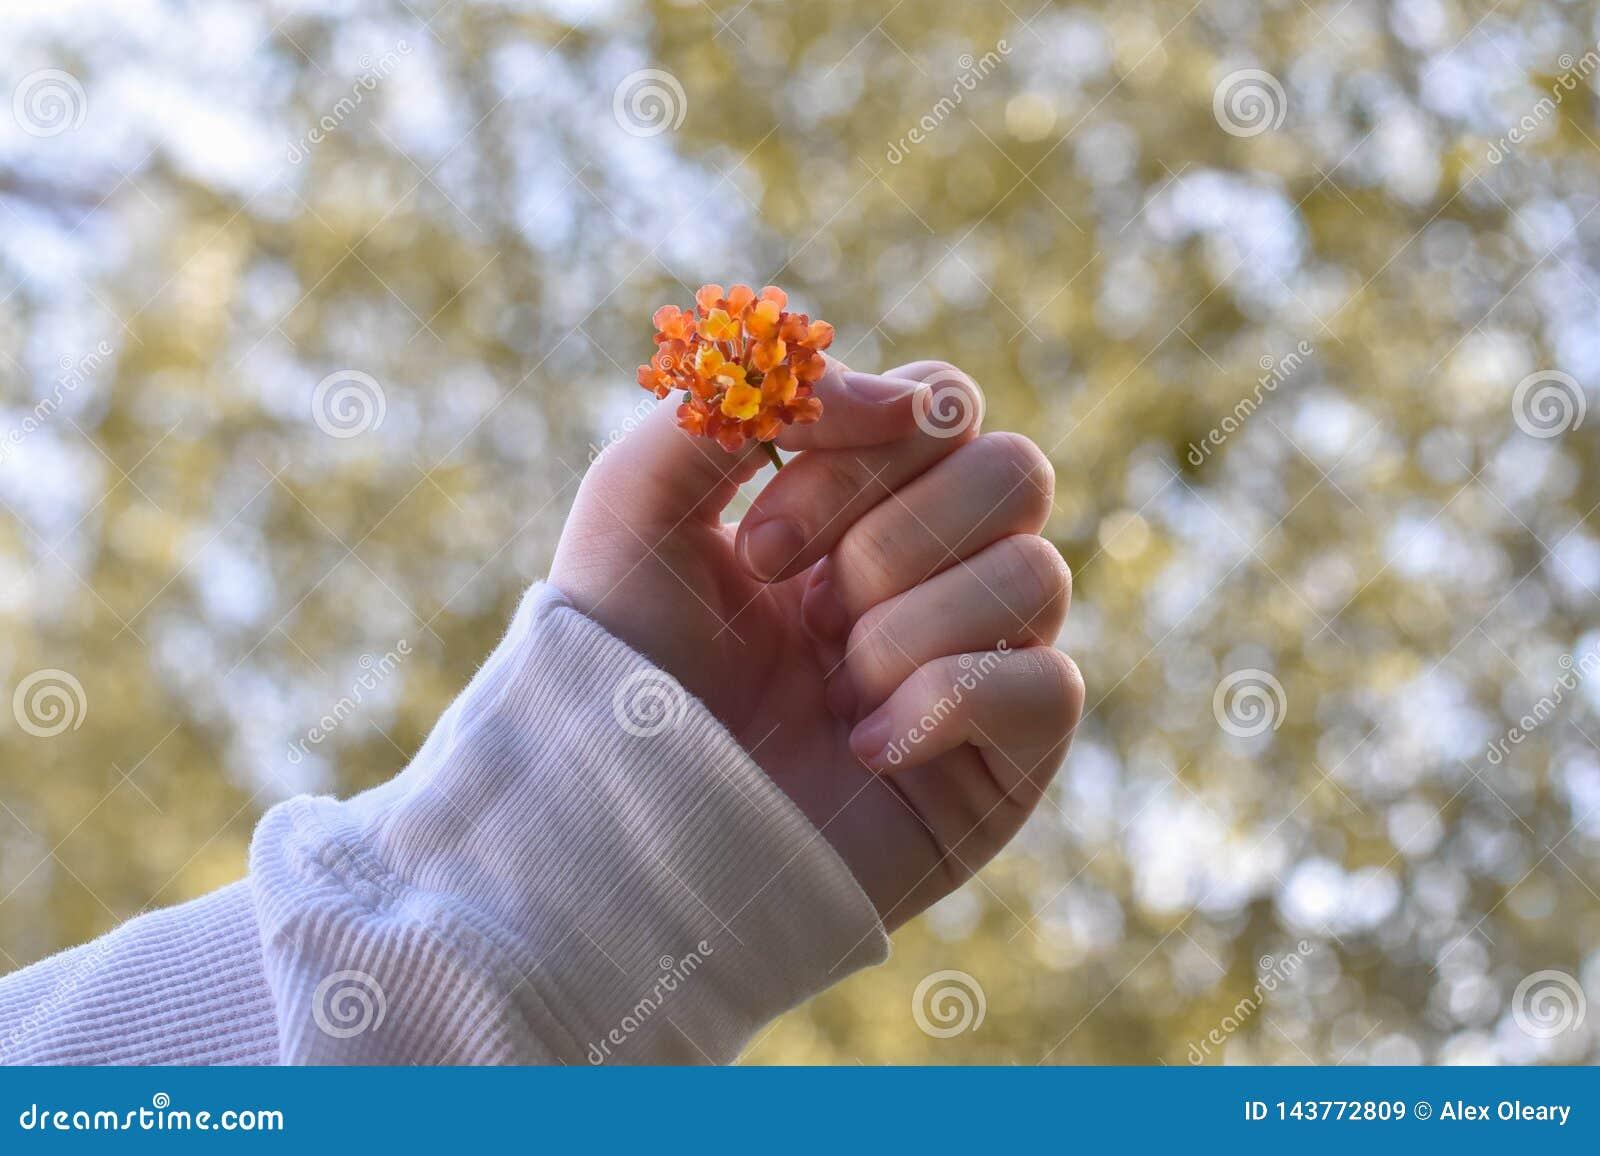 Fiore arancio che è tenuto davanti alle foglie vaghe